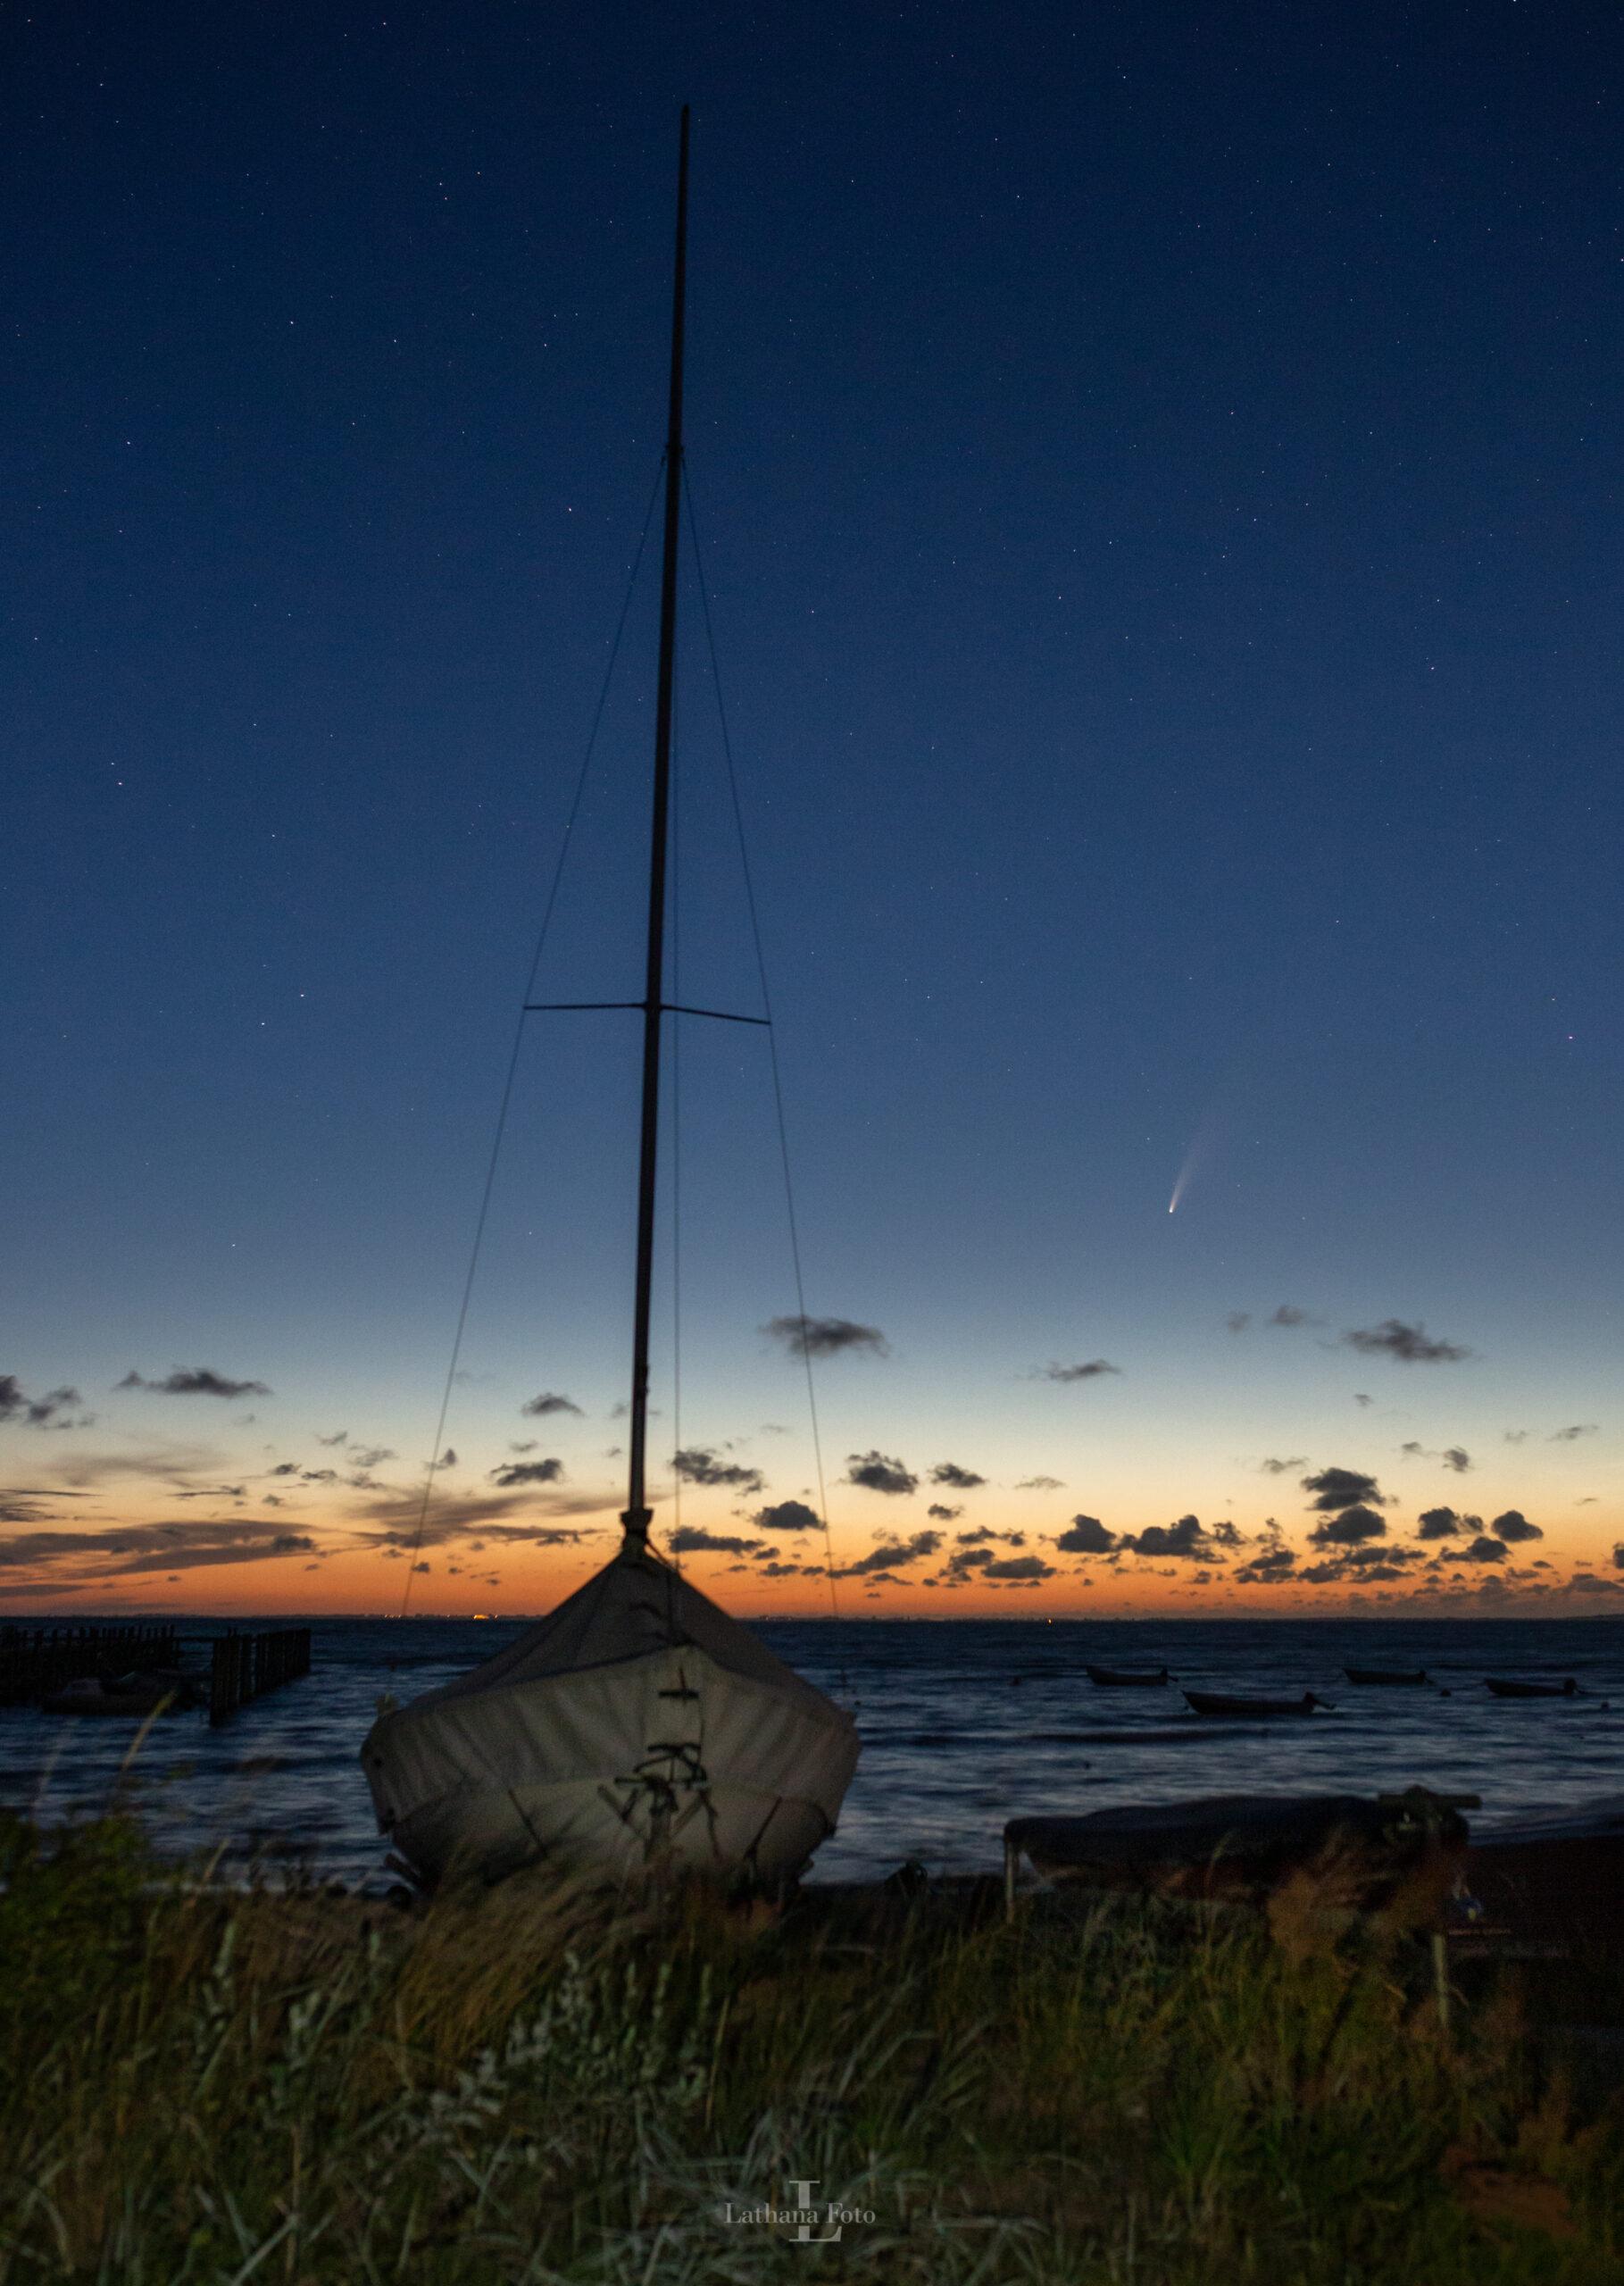 ordrup strand båd og komet 120720